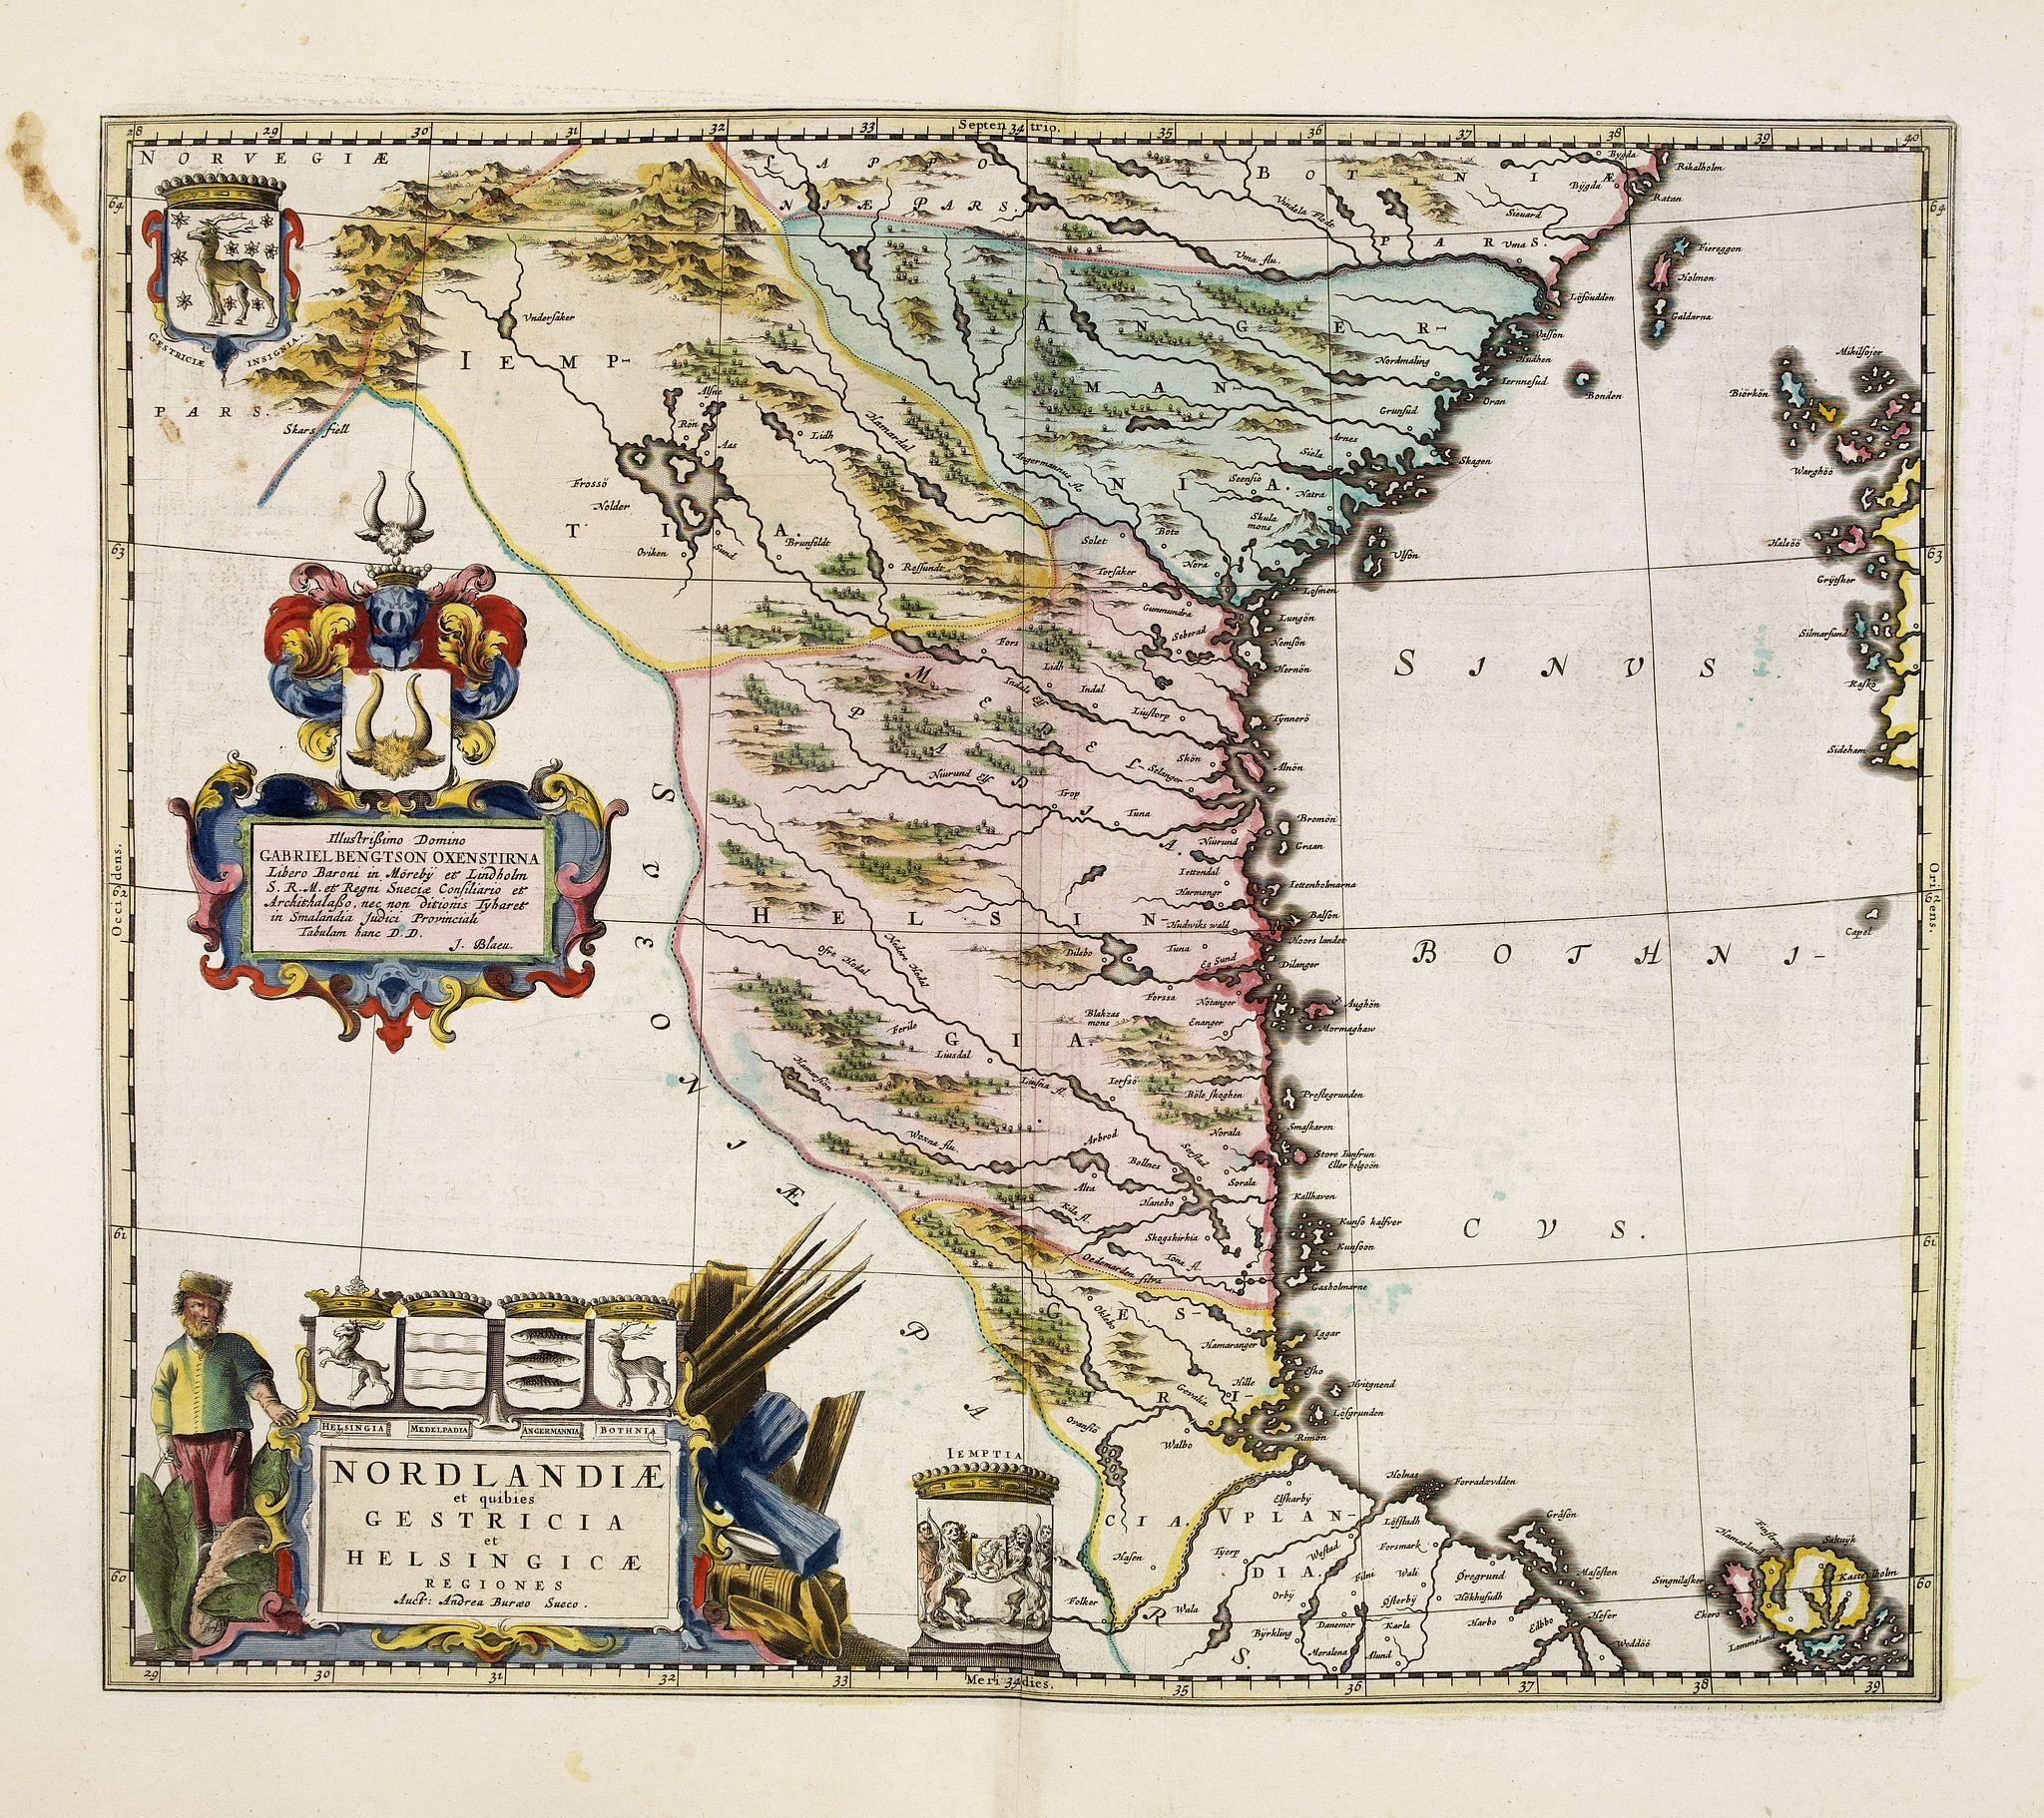 BLAEU, J. -  Norlandiae et quibies Gestricia et Helsingicae regiones Auct: Andrea Buraeo Sueco.